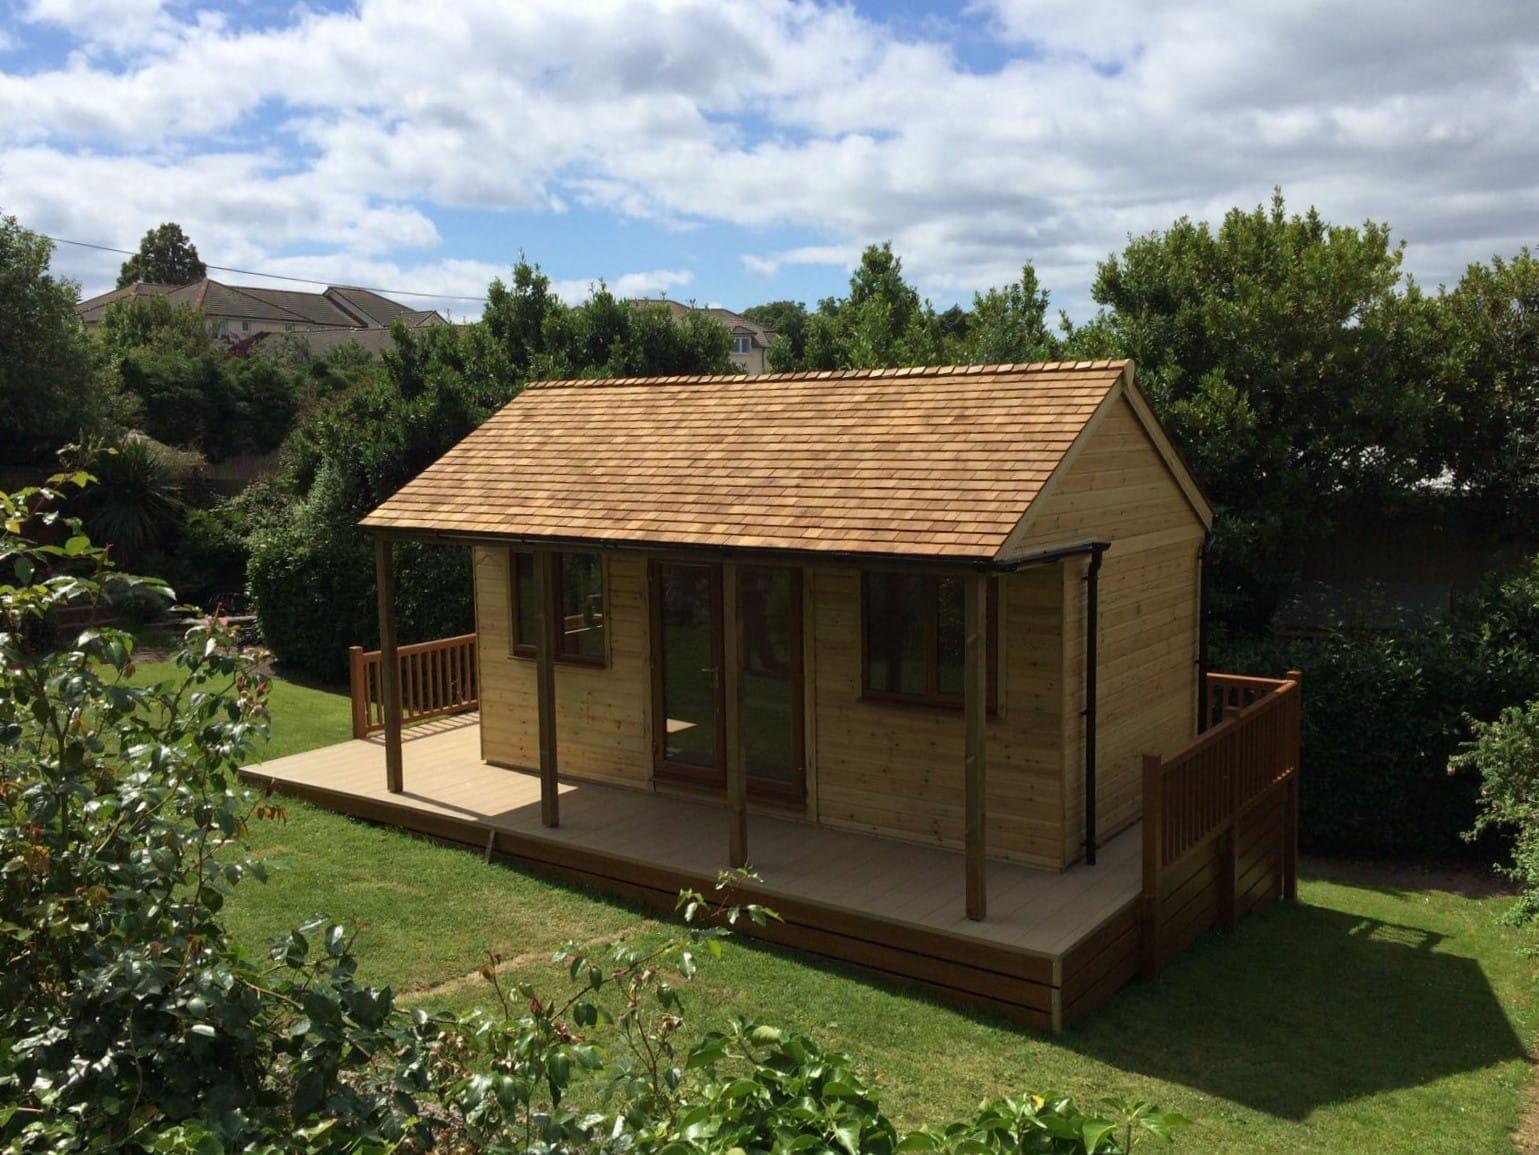 Summerhouse with wrap around decking